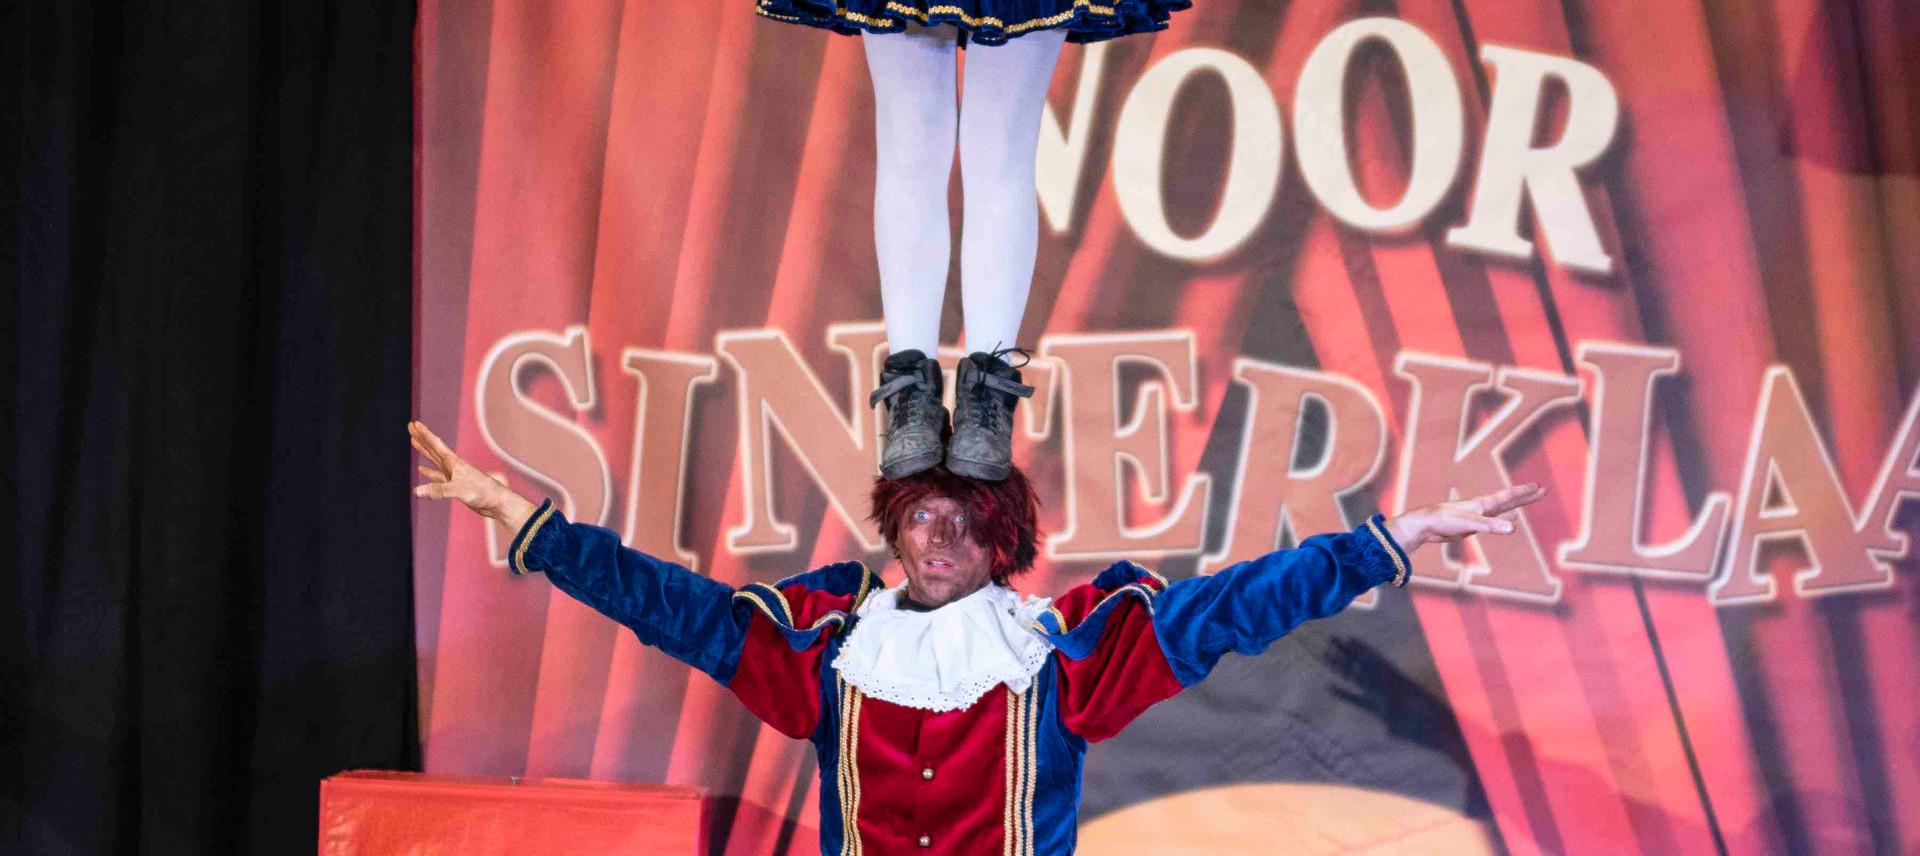 acrobatenpieten acrobaten pieten circusp